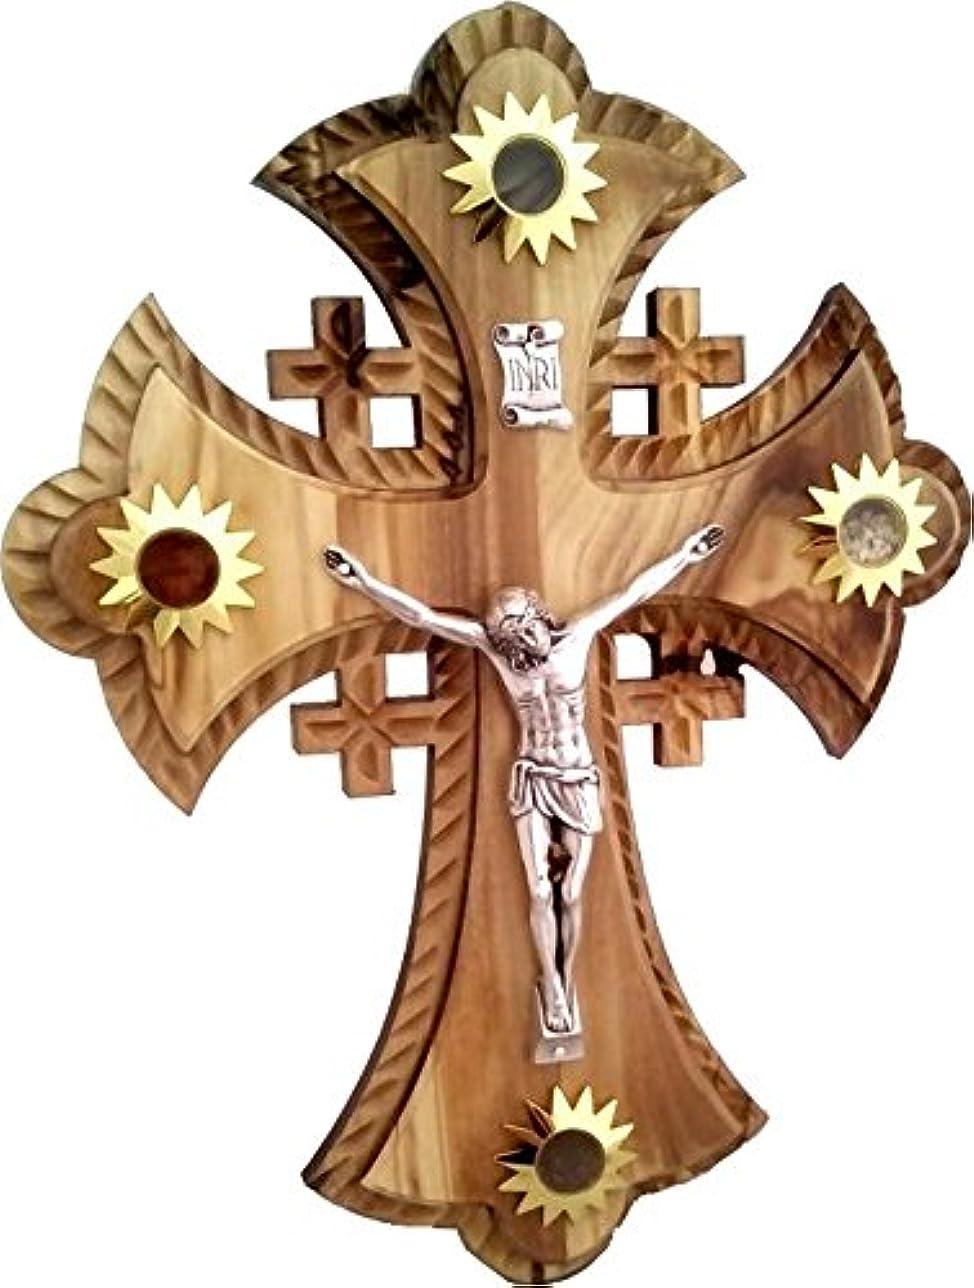 今満足させる最初は2層のOlivewood Crucifix With Holy Landサンプル – Essences